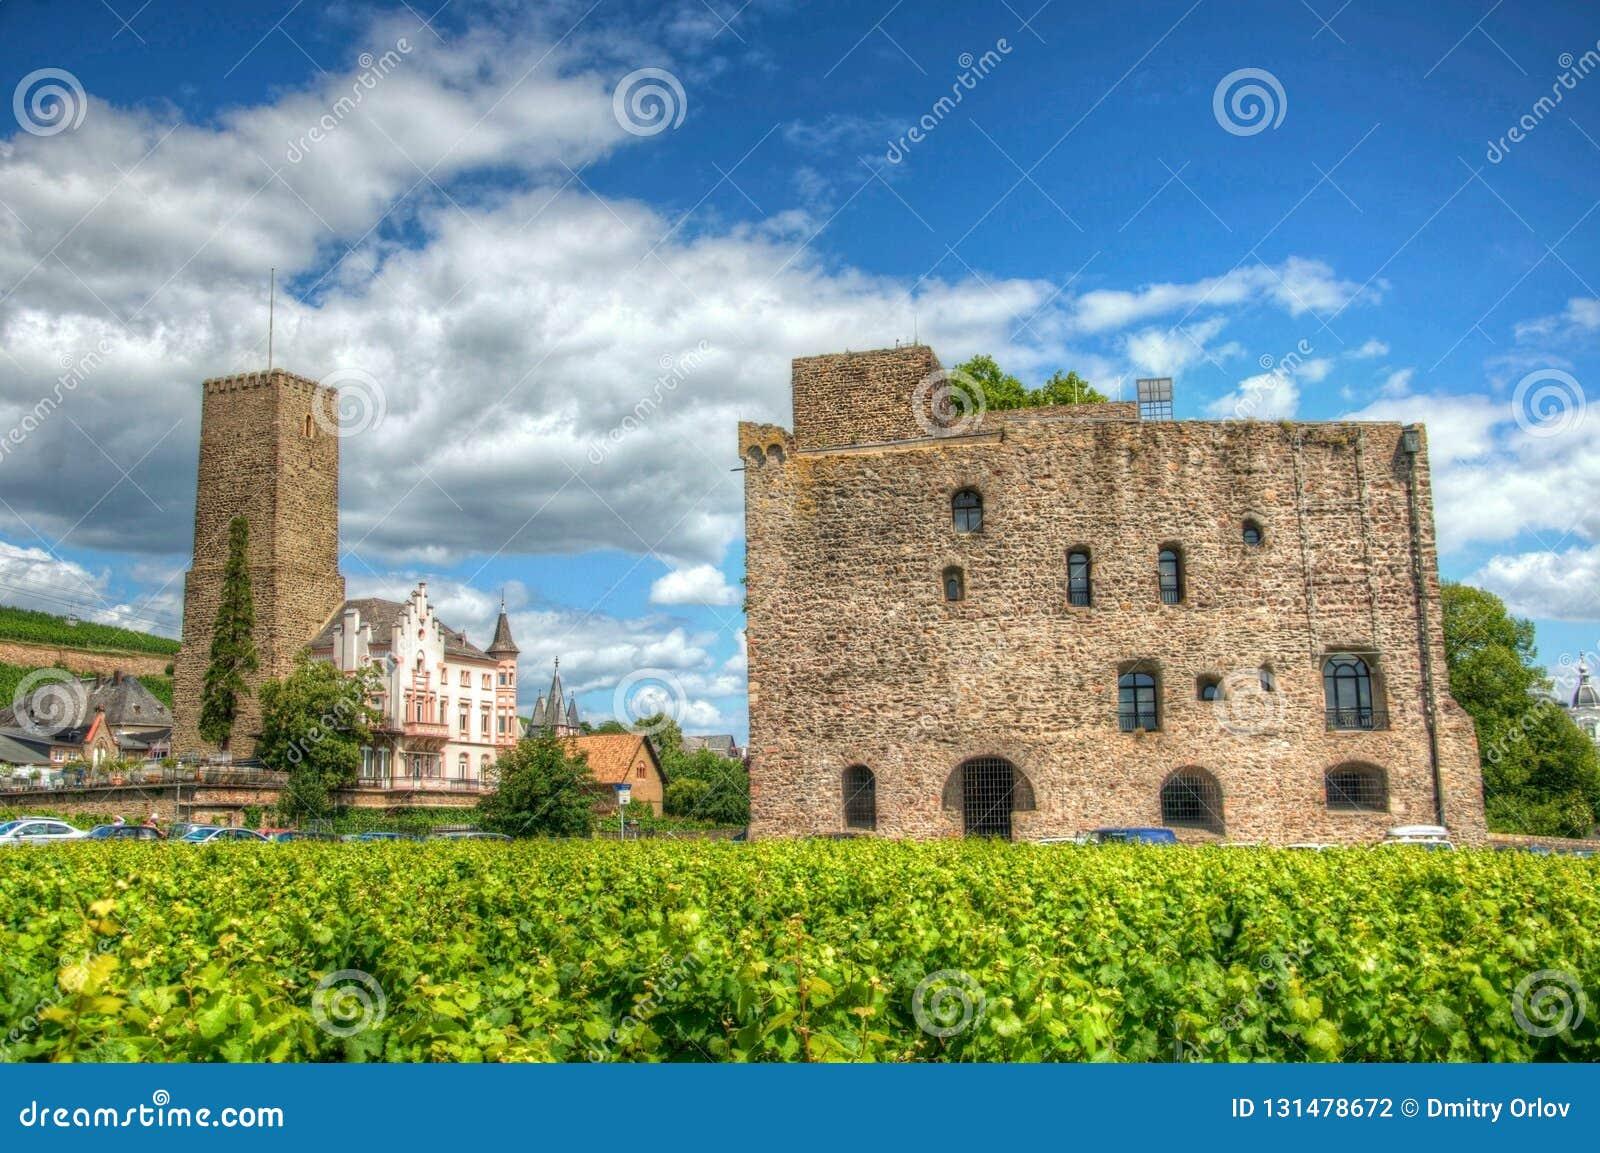 Vignoble près de forteresse médiévale Boosenburg de château dans Ruedesheim, Hesse, Allemagne